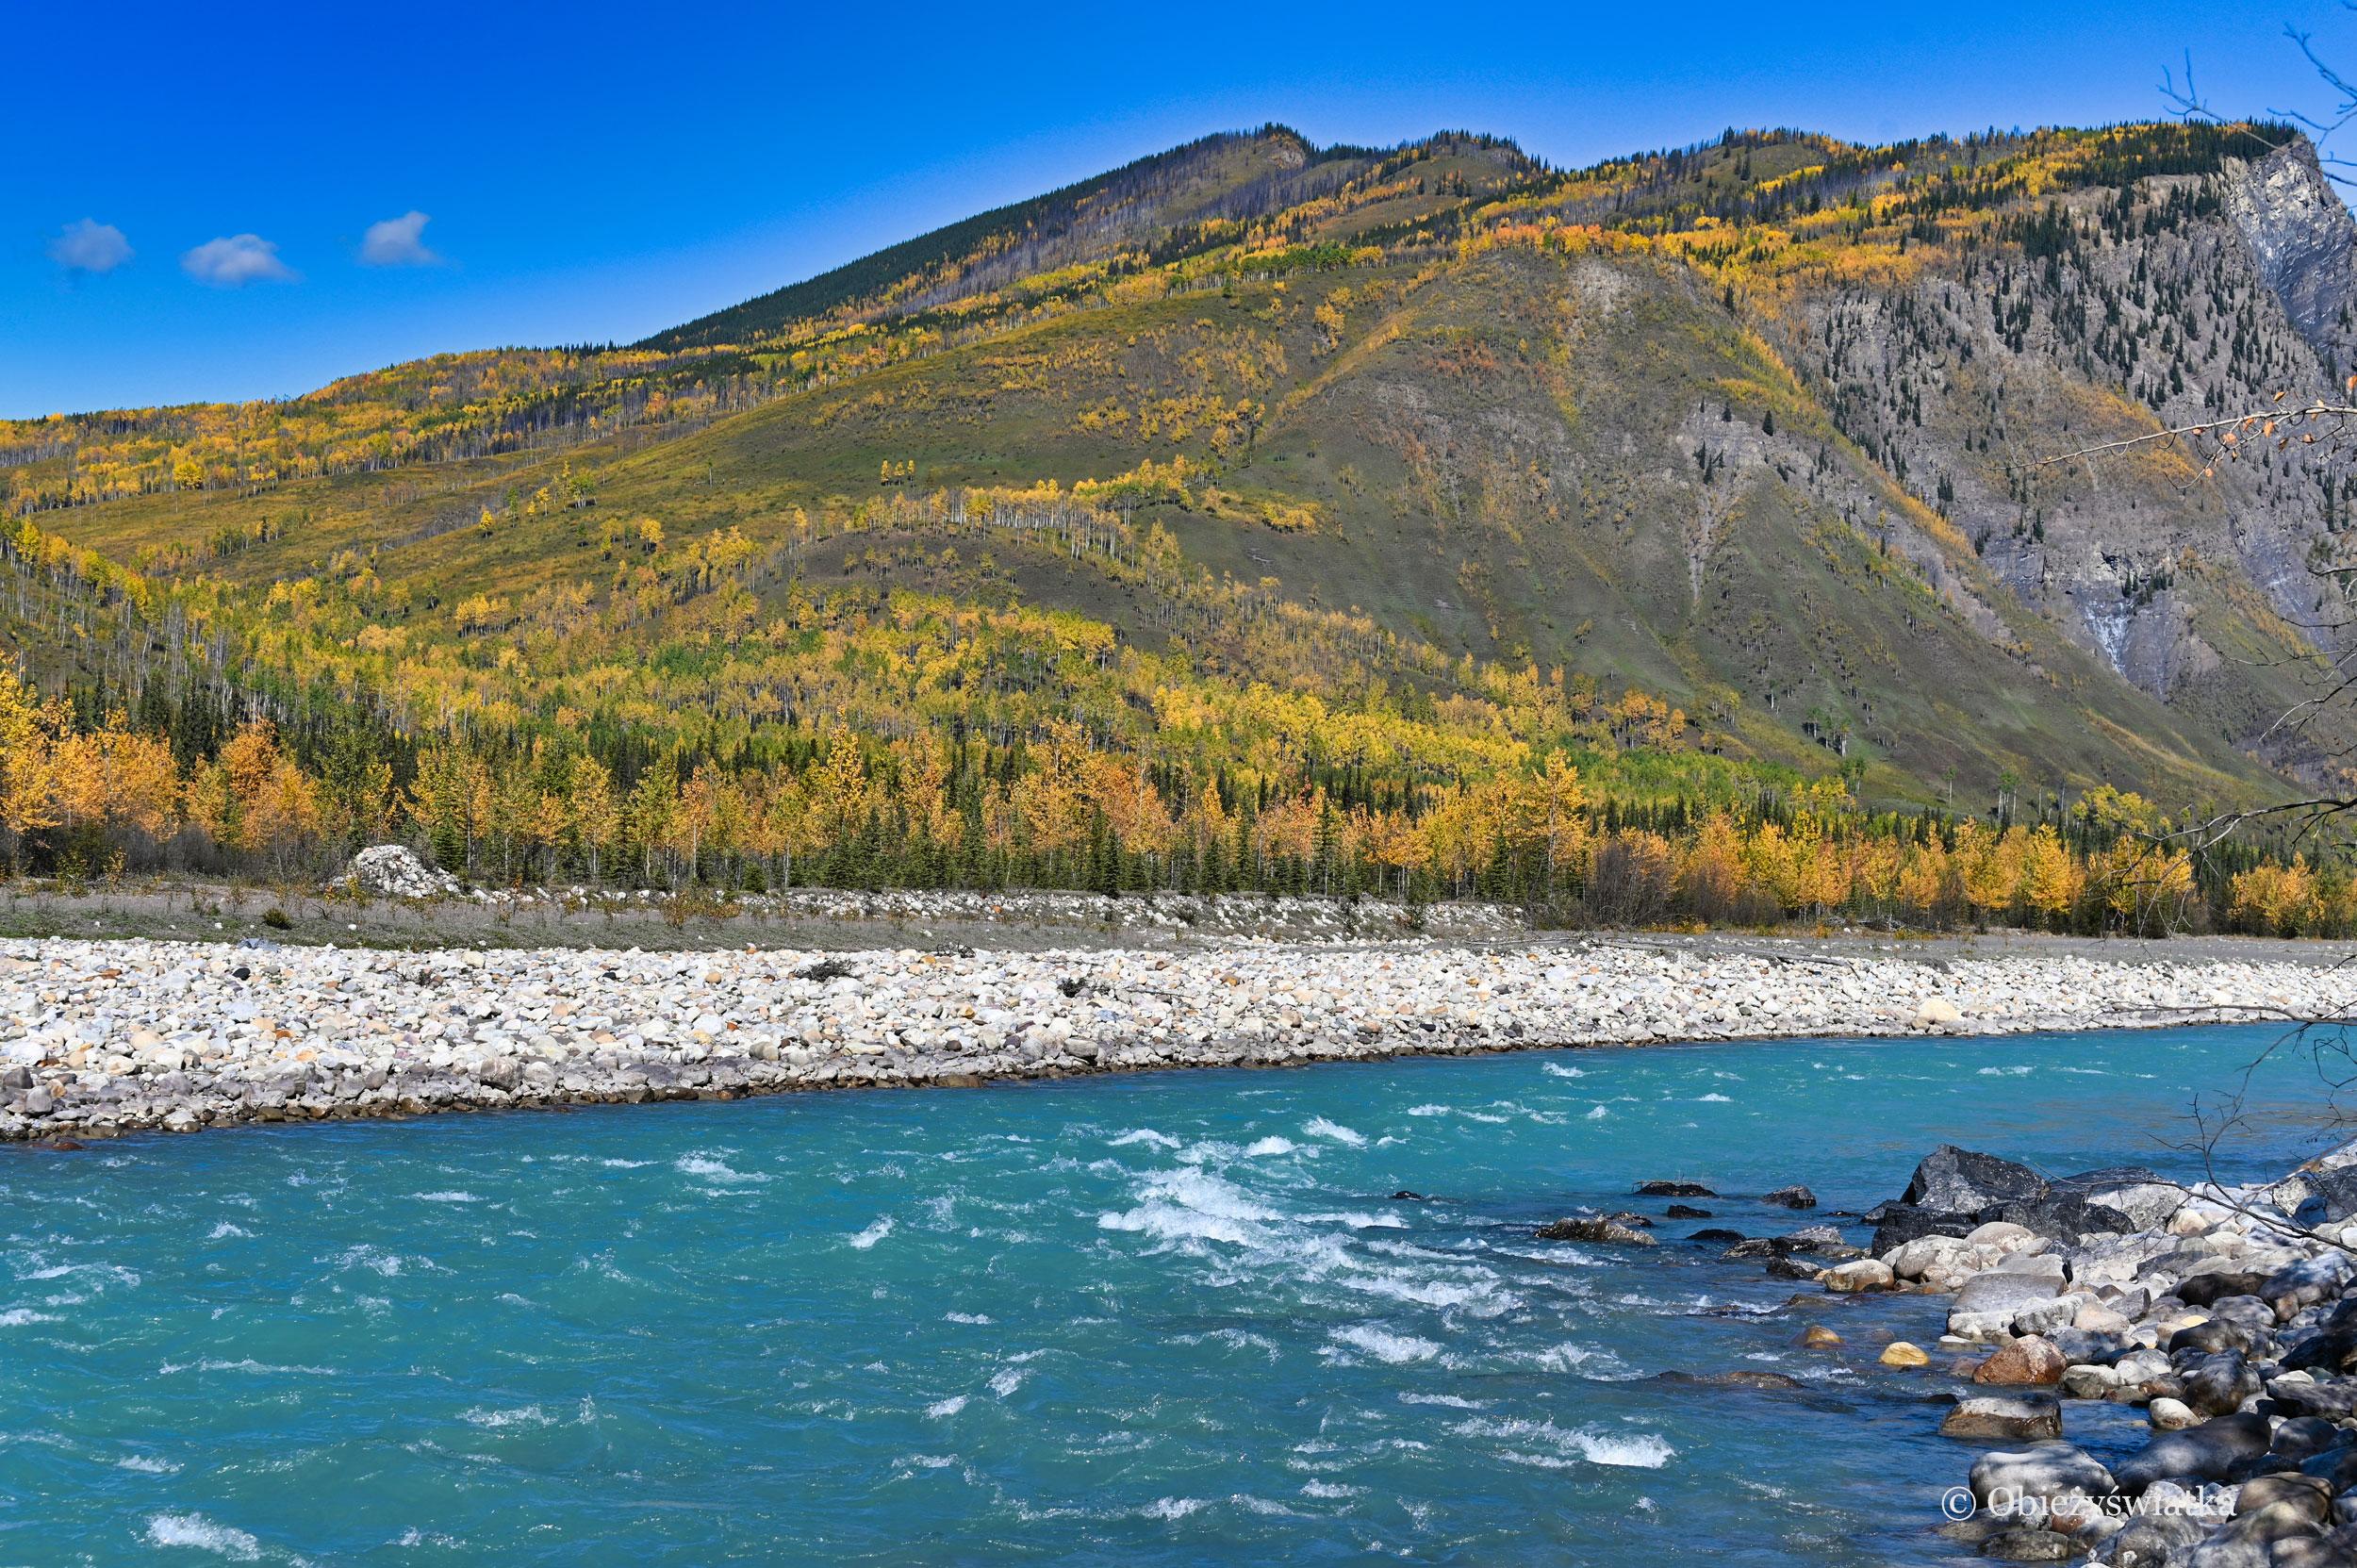 Jesienne kolory lasu i błękitna rzeka, Alaska Highway, Kanada